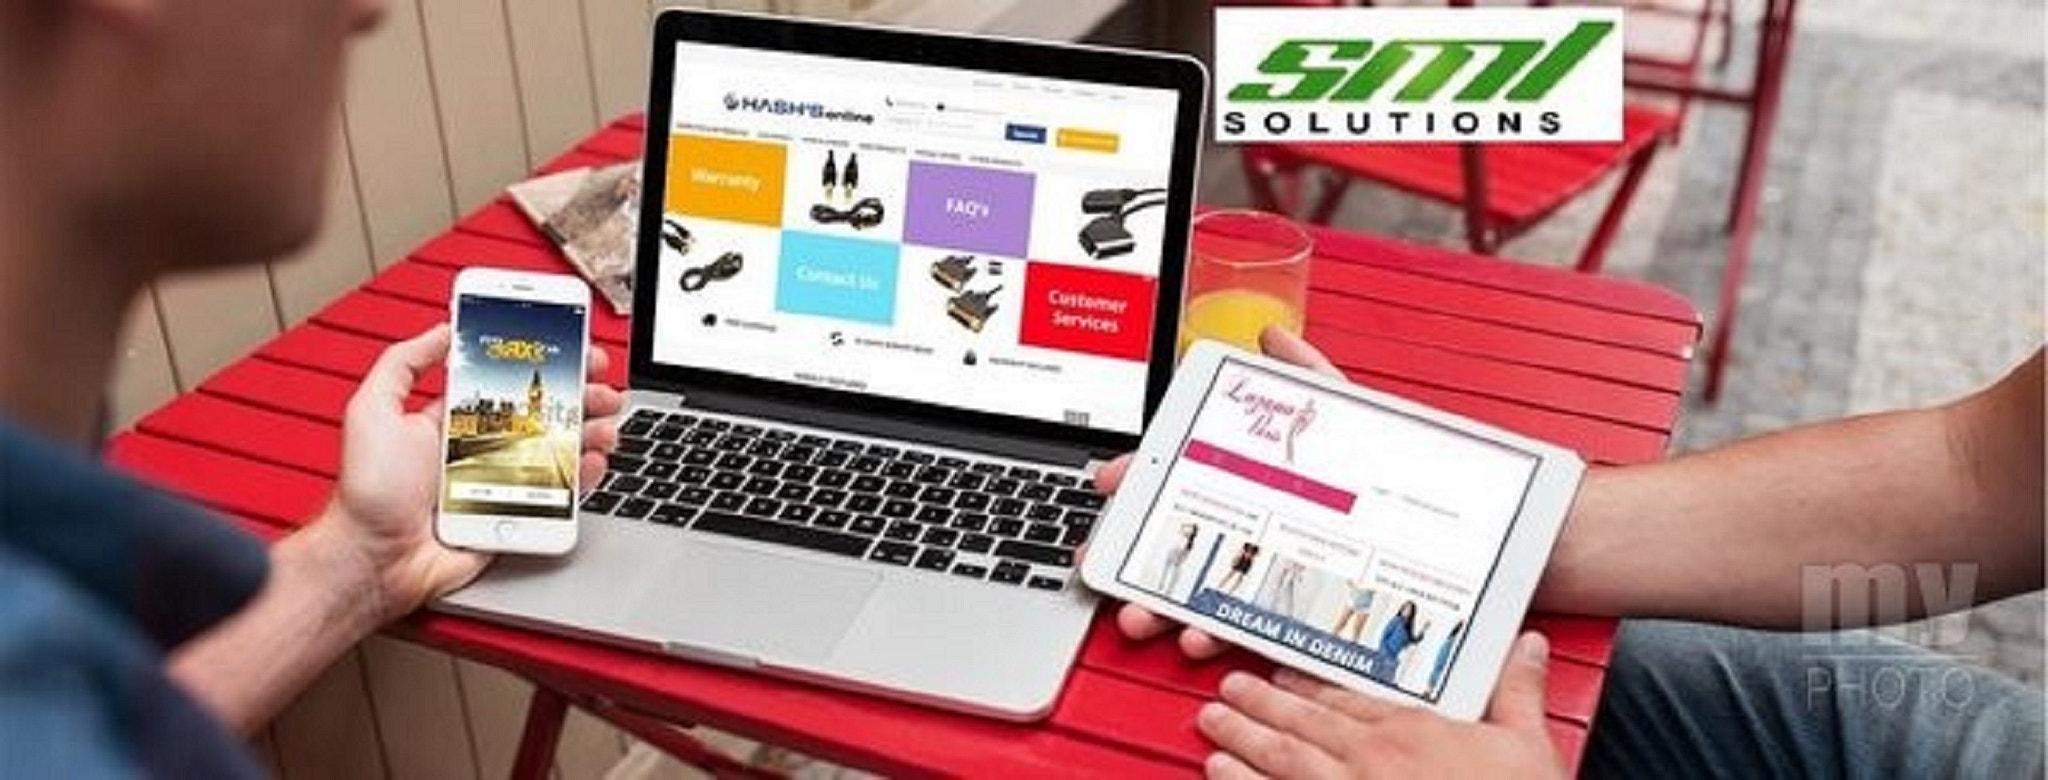 Magento Website Development UK